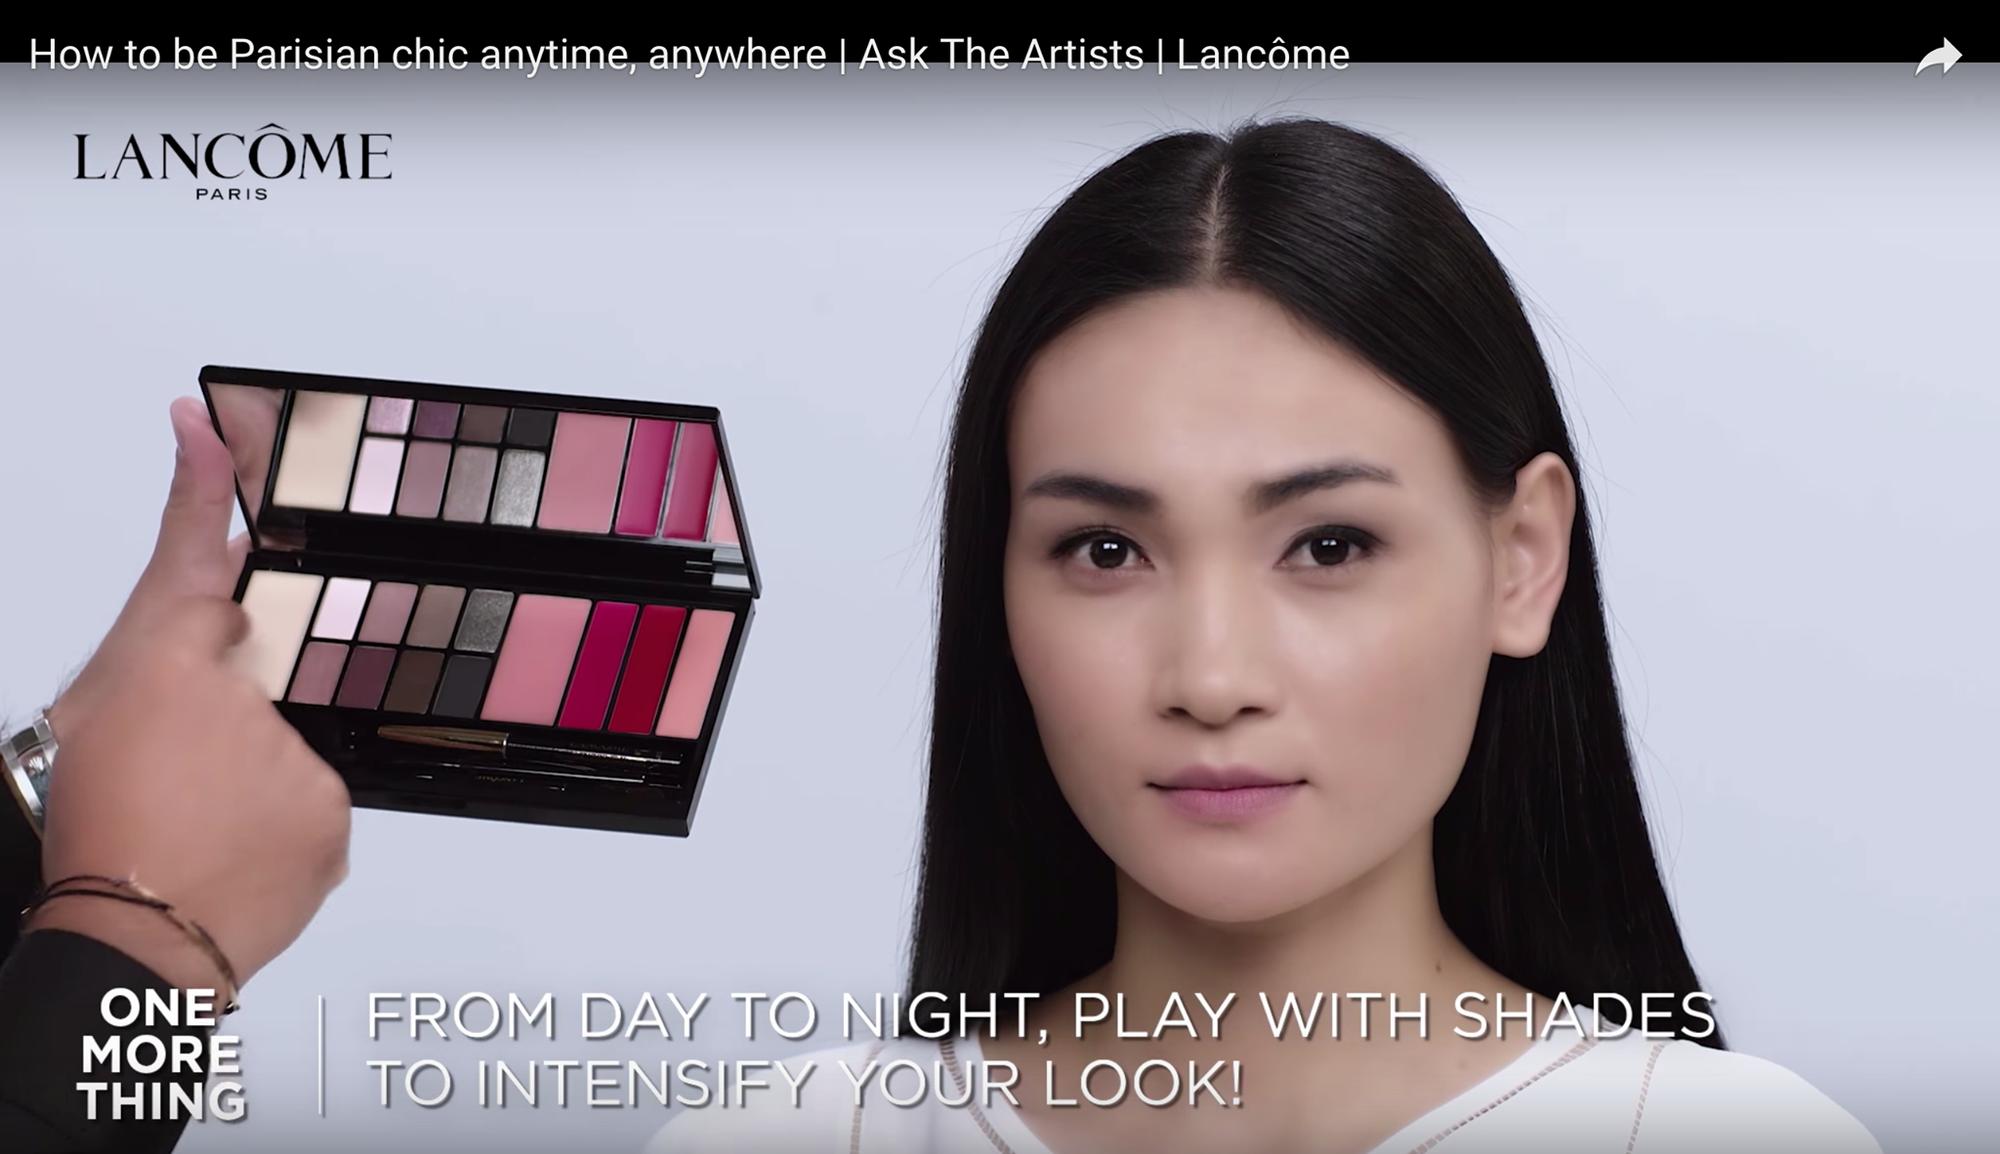 Diễn từ show Chanel đến làm mẫu cho Lancome, Thùy Trang ắt là người mẫu oách nhất năm nay! - Ảnh 7.